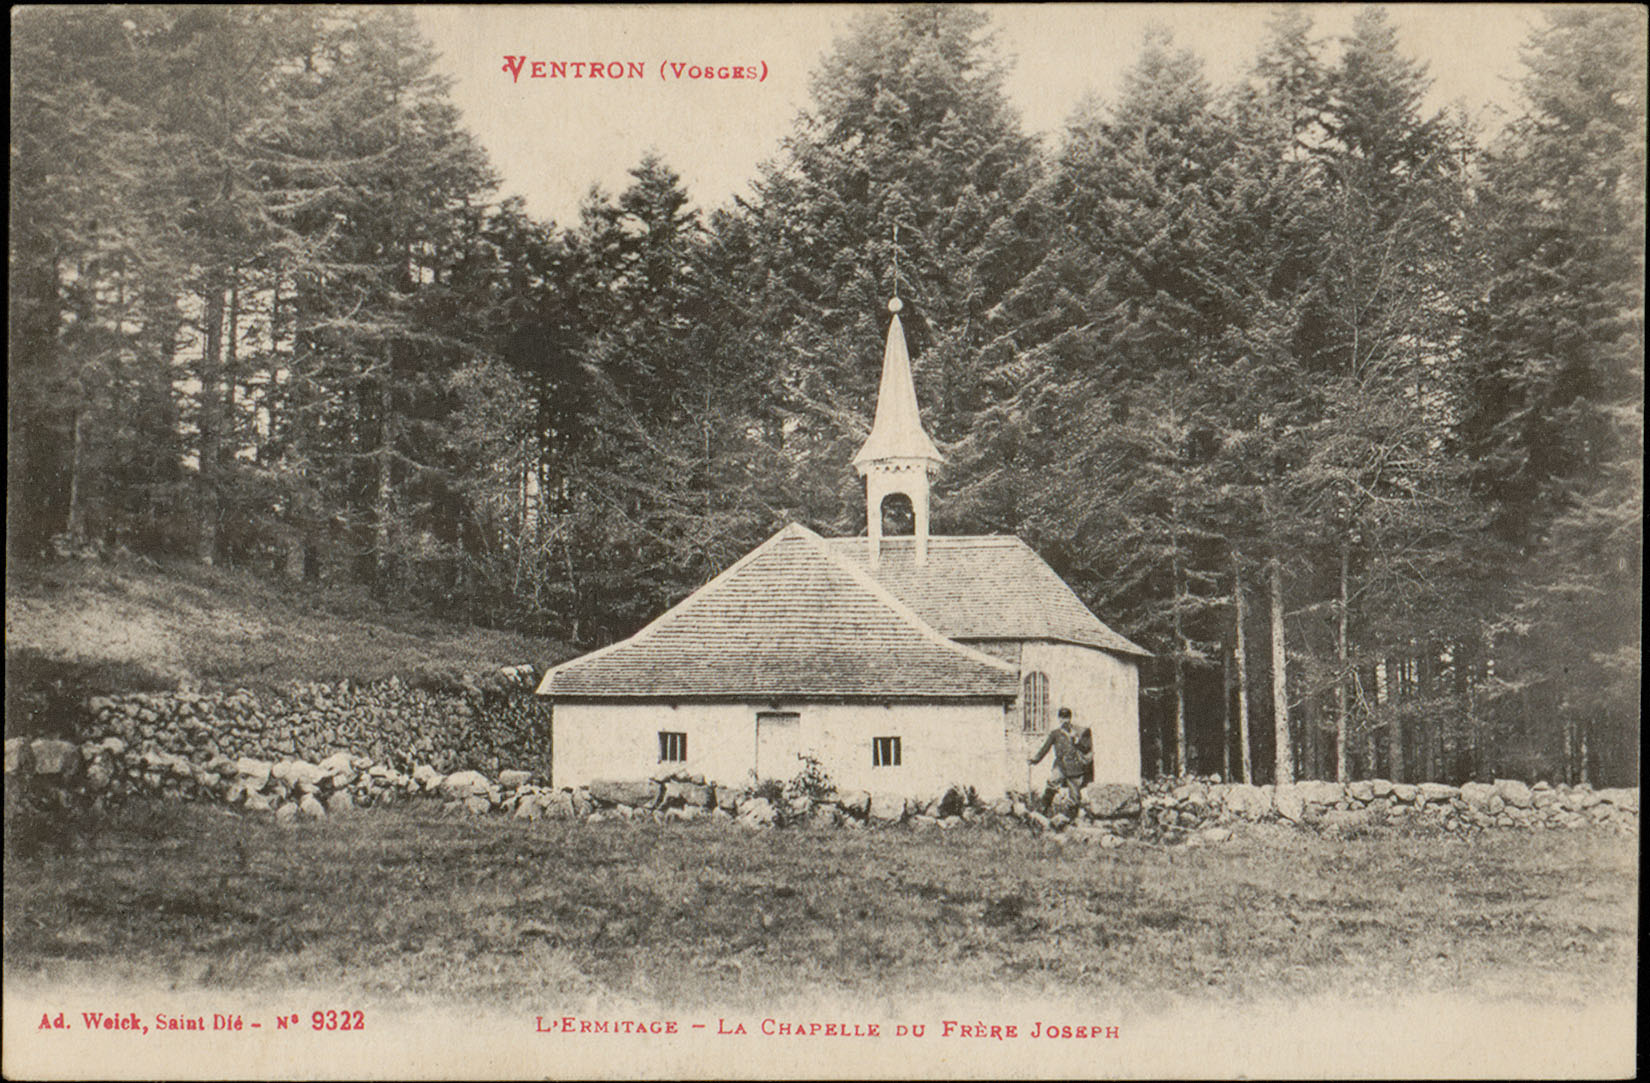 Contenu du Ventron (Vosges), L'Ermitage, La Chapelle du Frère Joseph